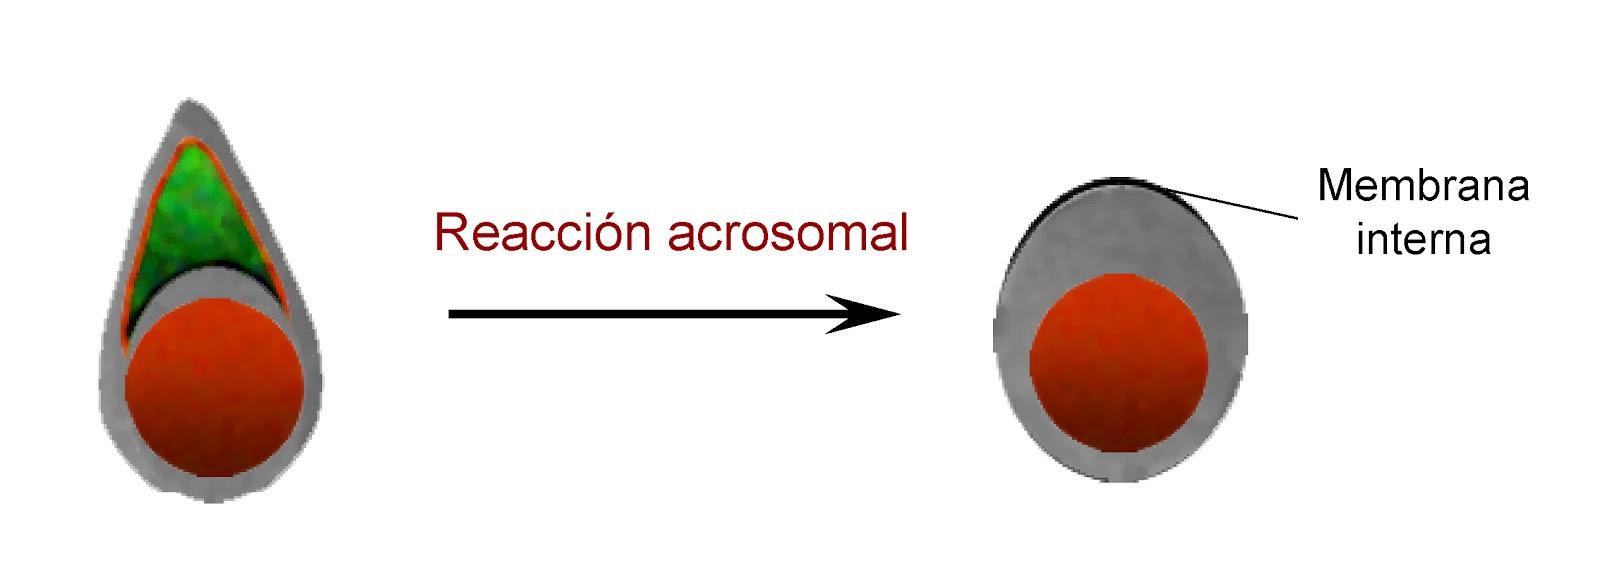 Liberación del acrosoma tras la reacción acrosomal